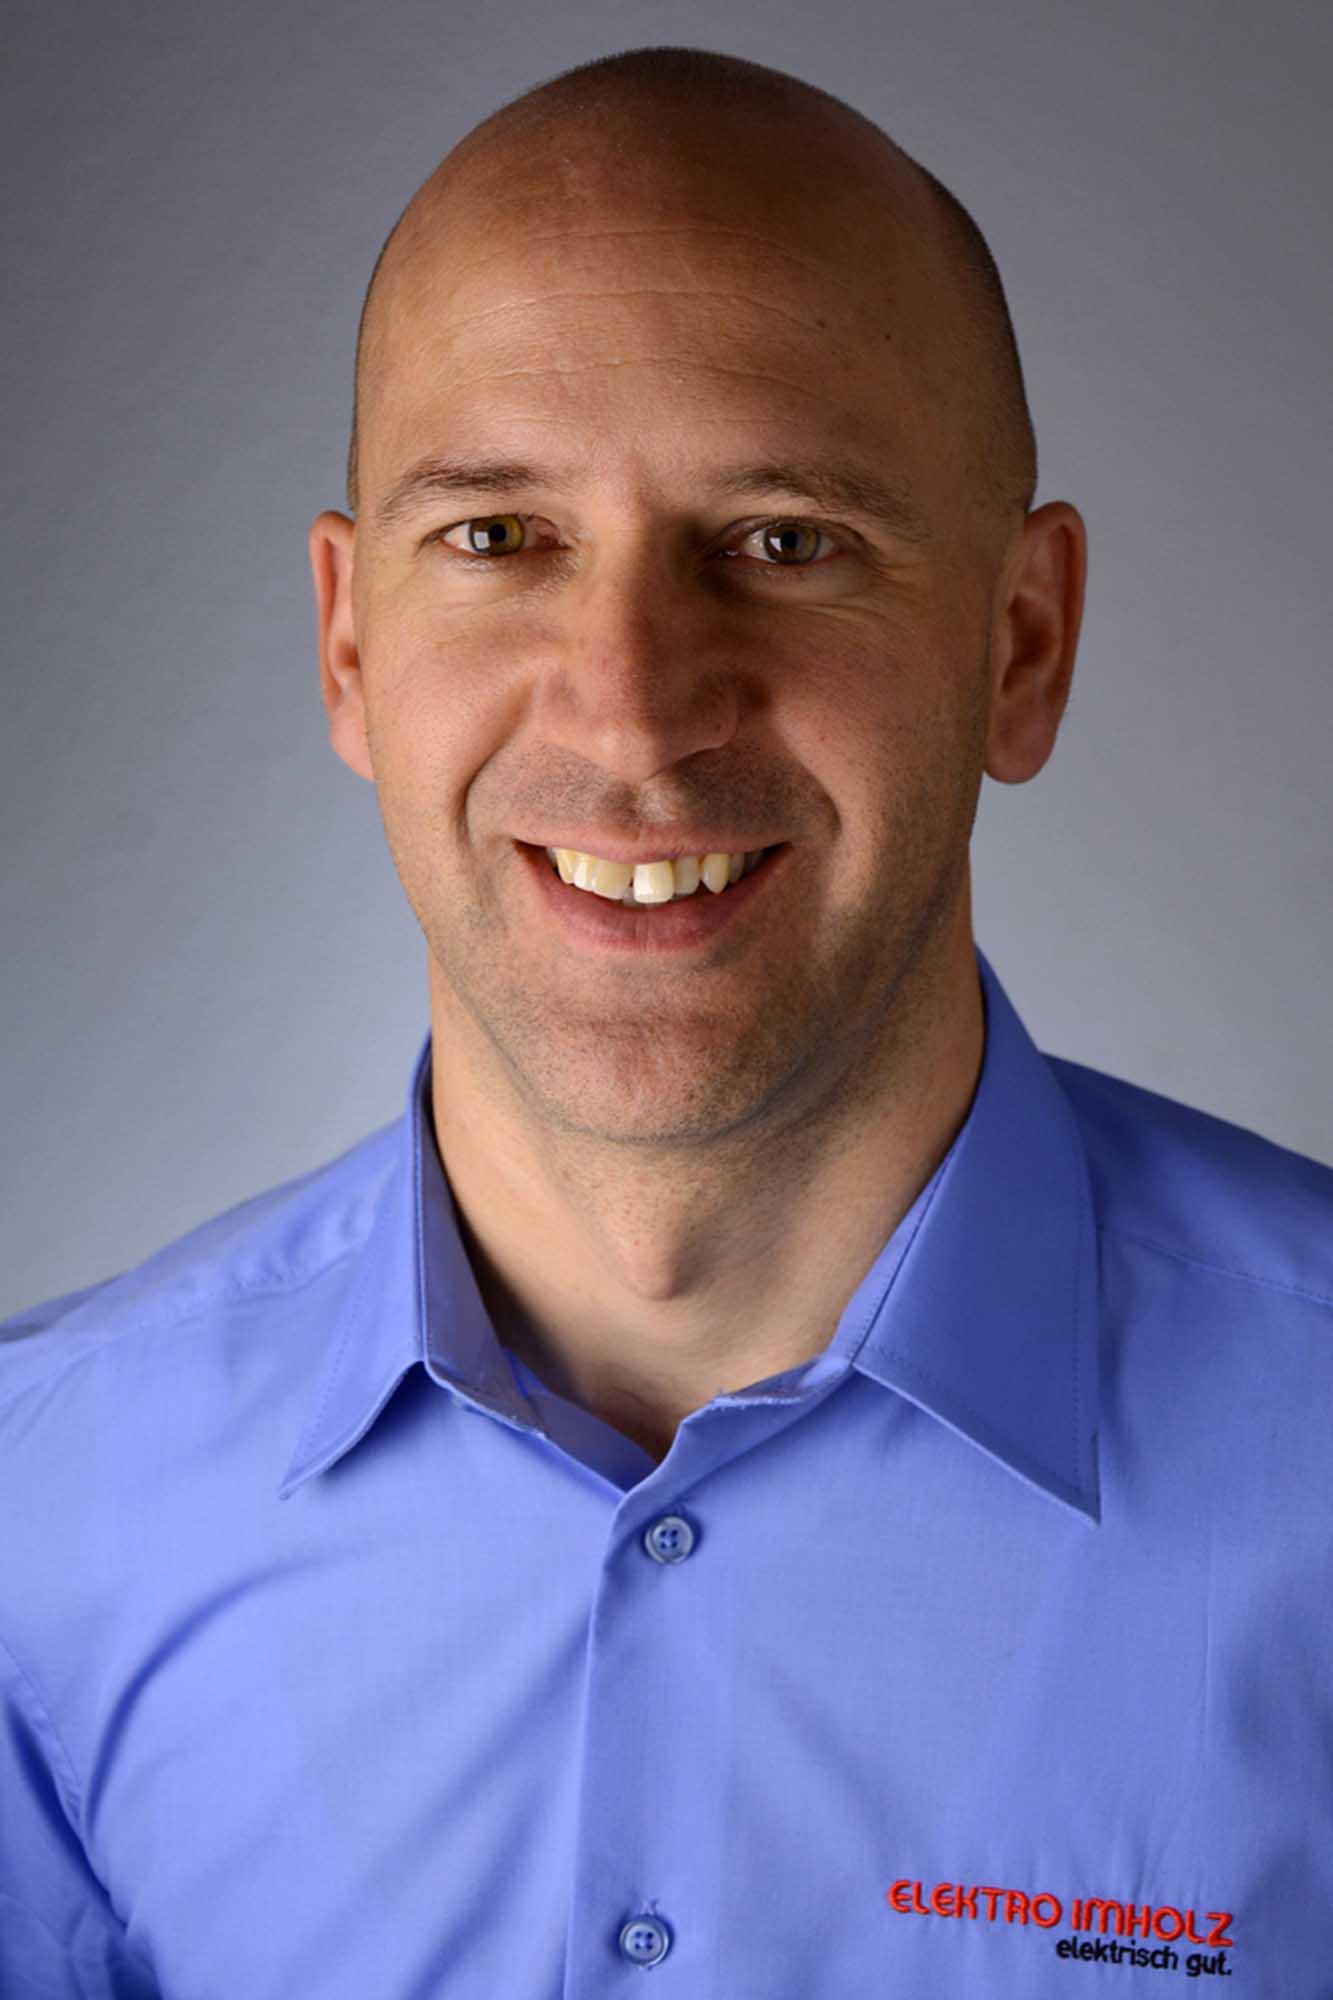 Markus Herger